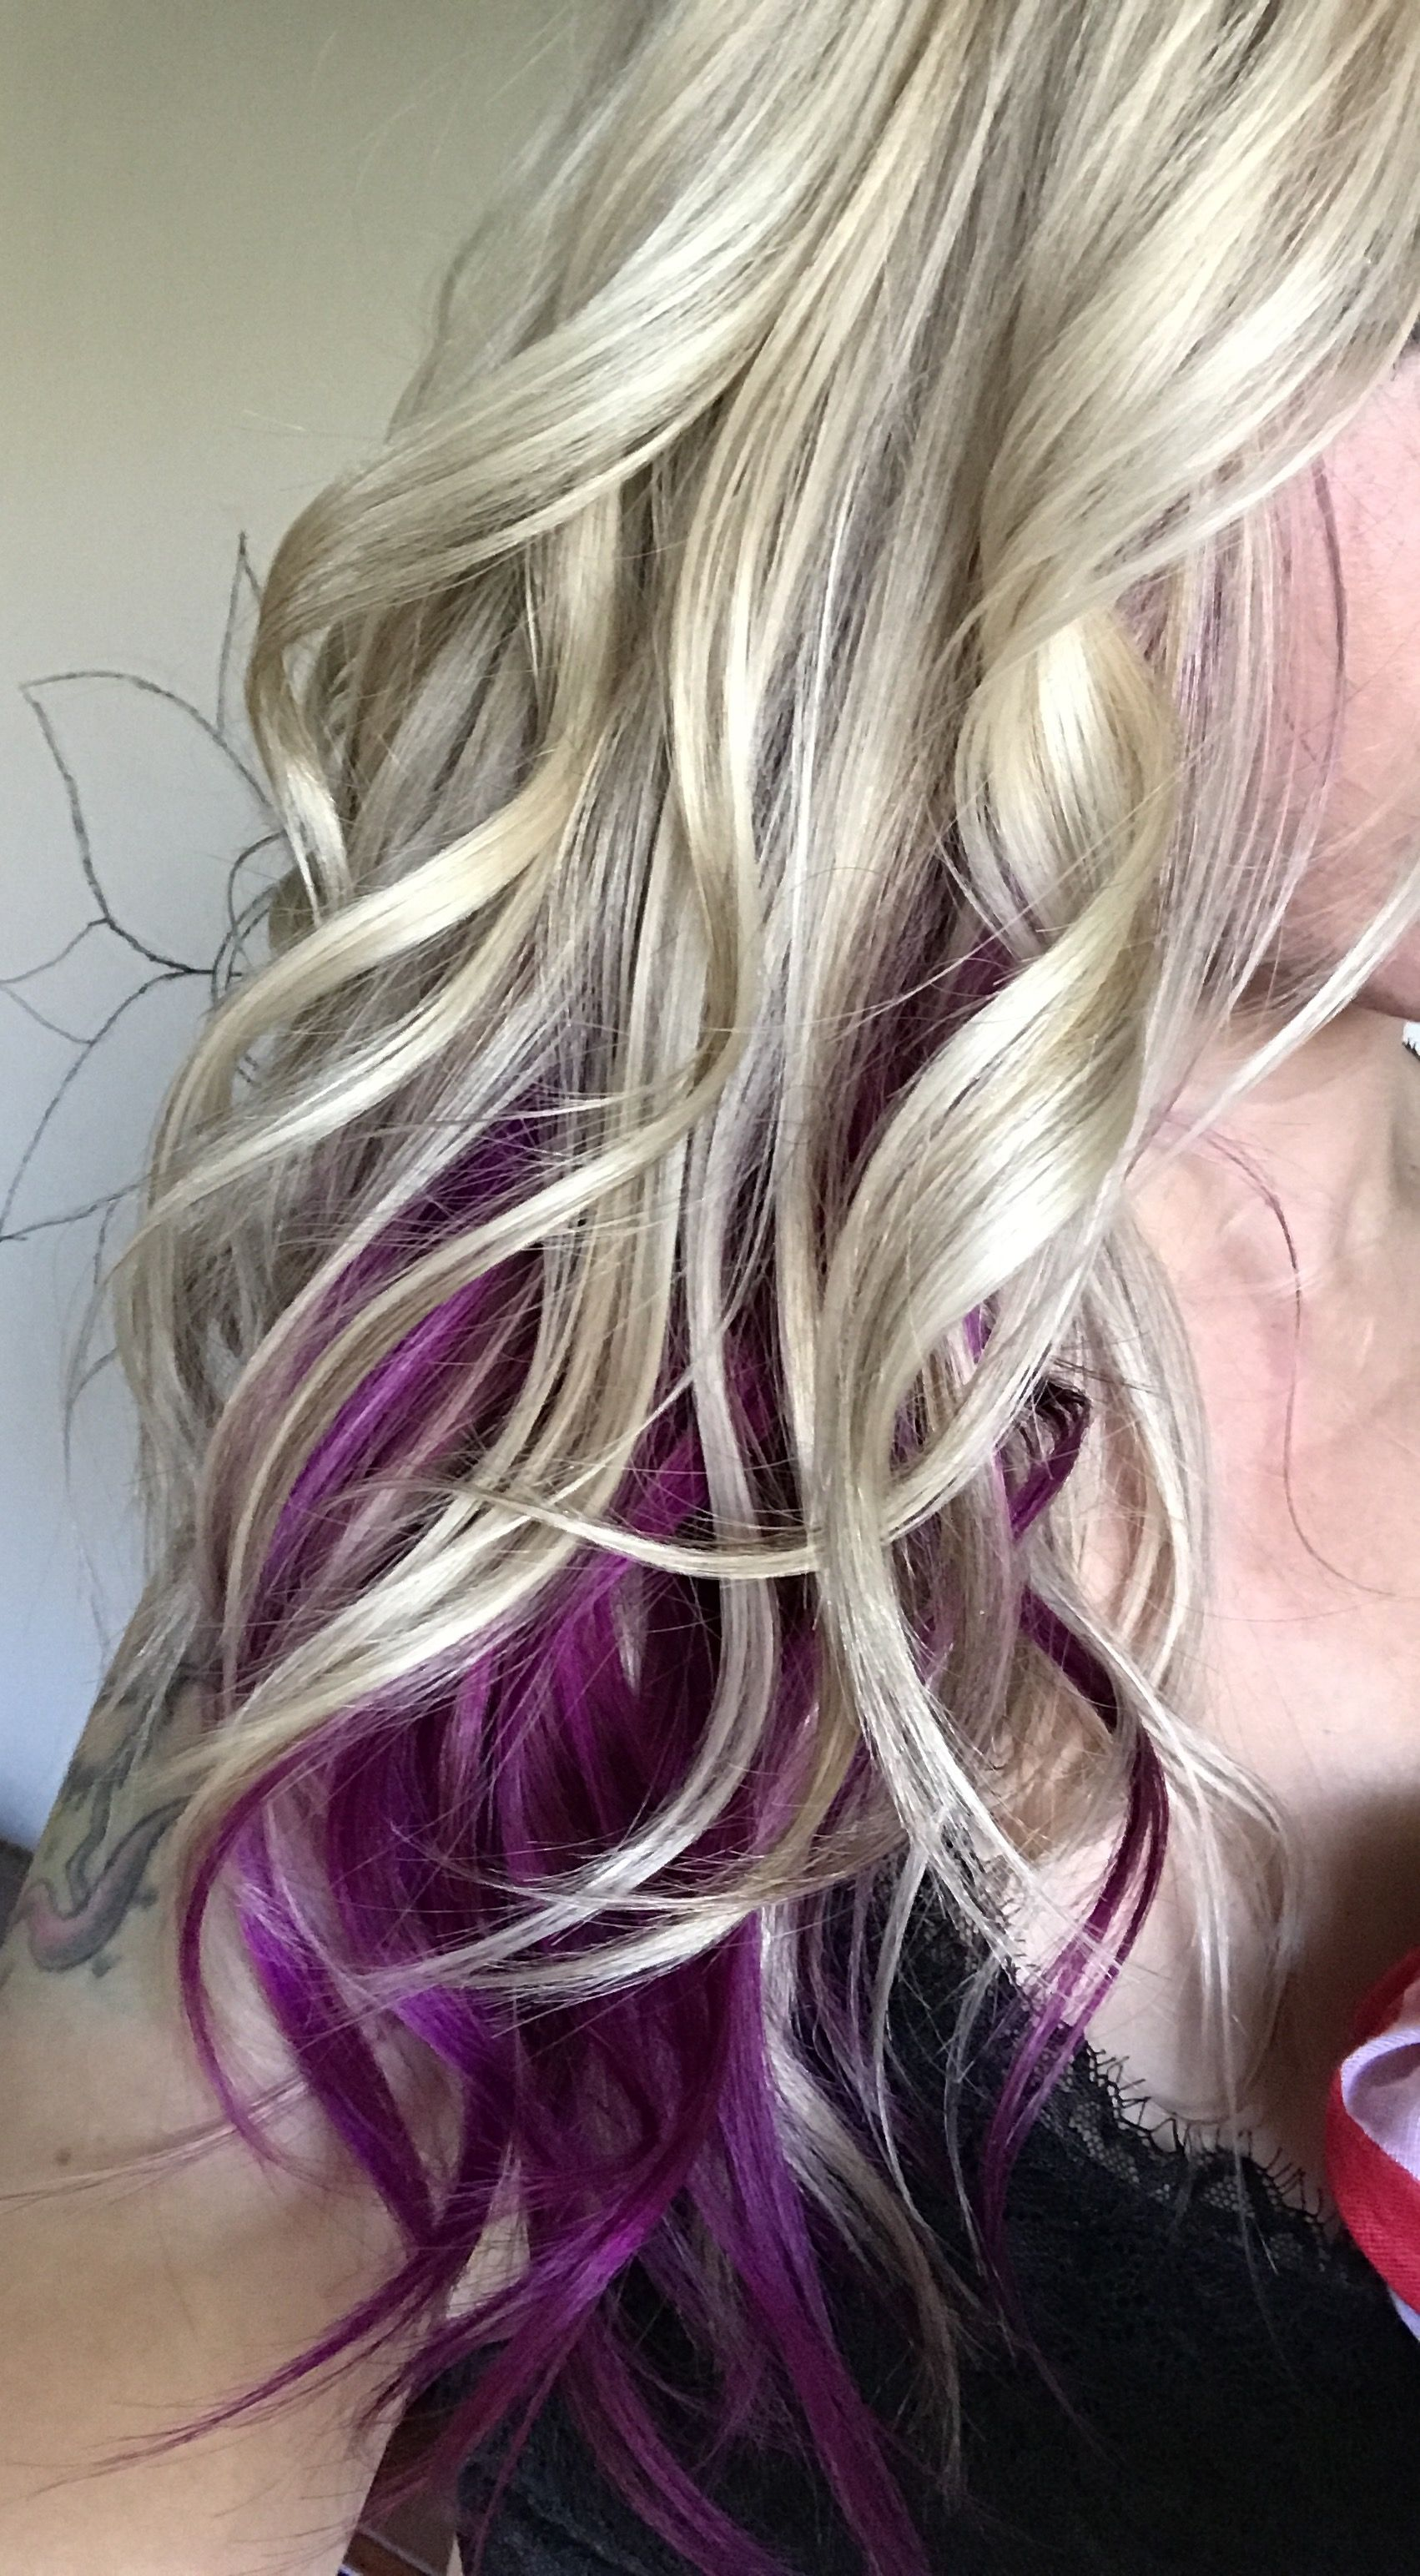 Fuschia Peekaboo Hair Blonde Hair Purple Hair Deep Pink Hair C Hair By April Devers Peekaboo Hair Rose Blonde Hair Peekaboo Hair Colors